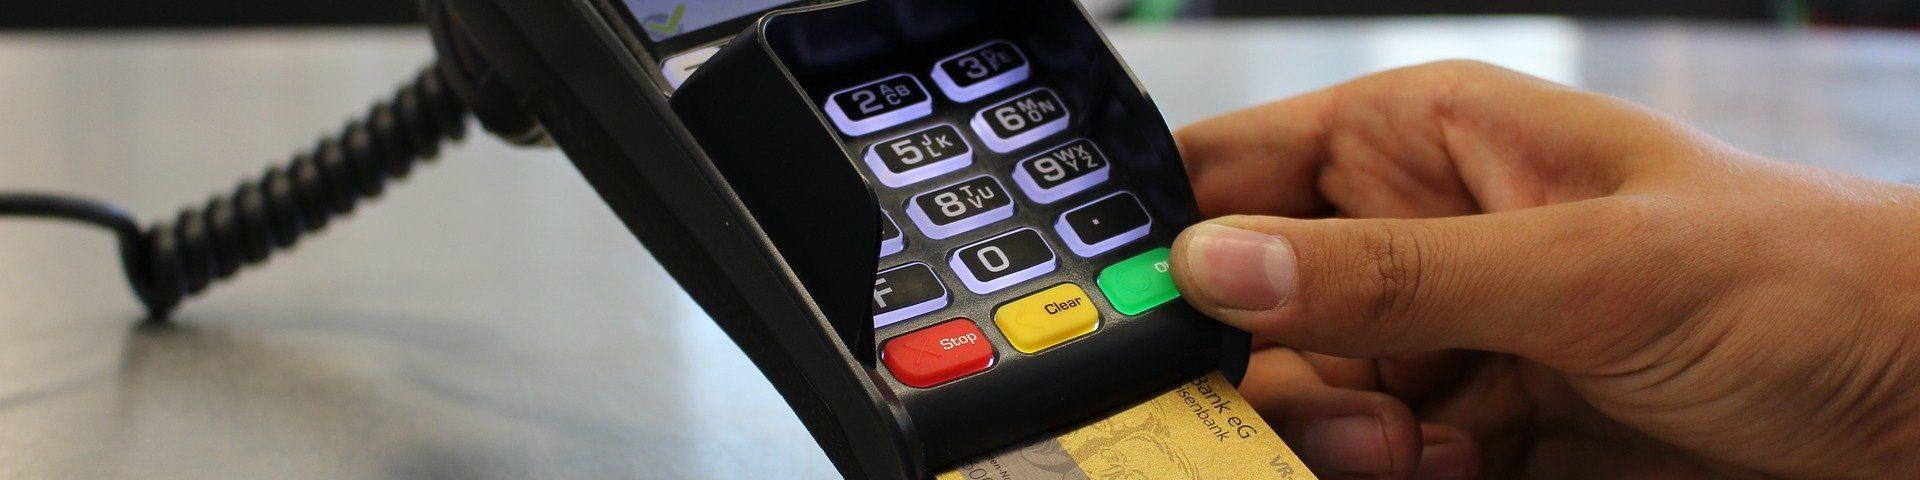 Ec Cash 1750490 1920